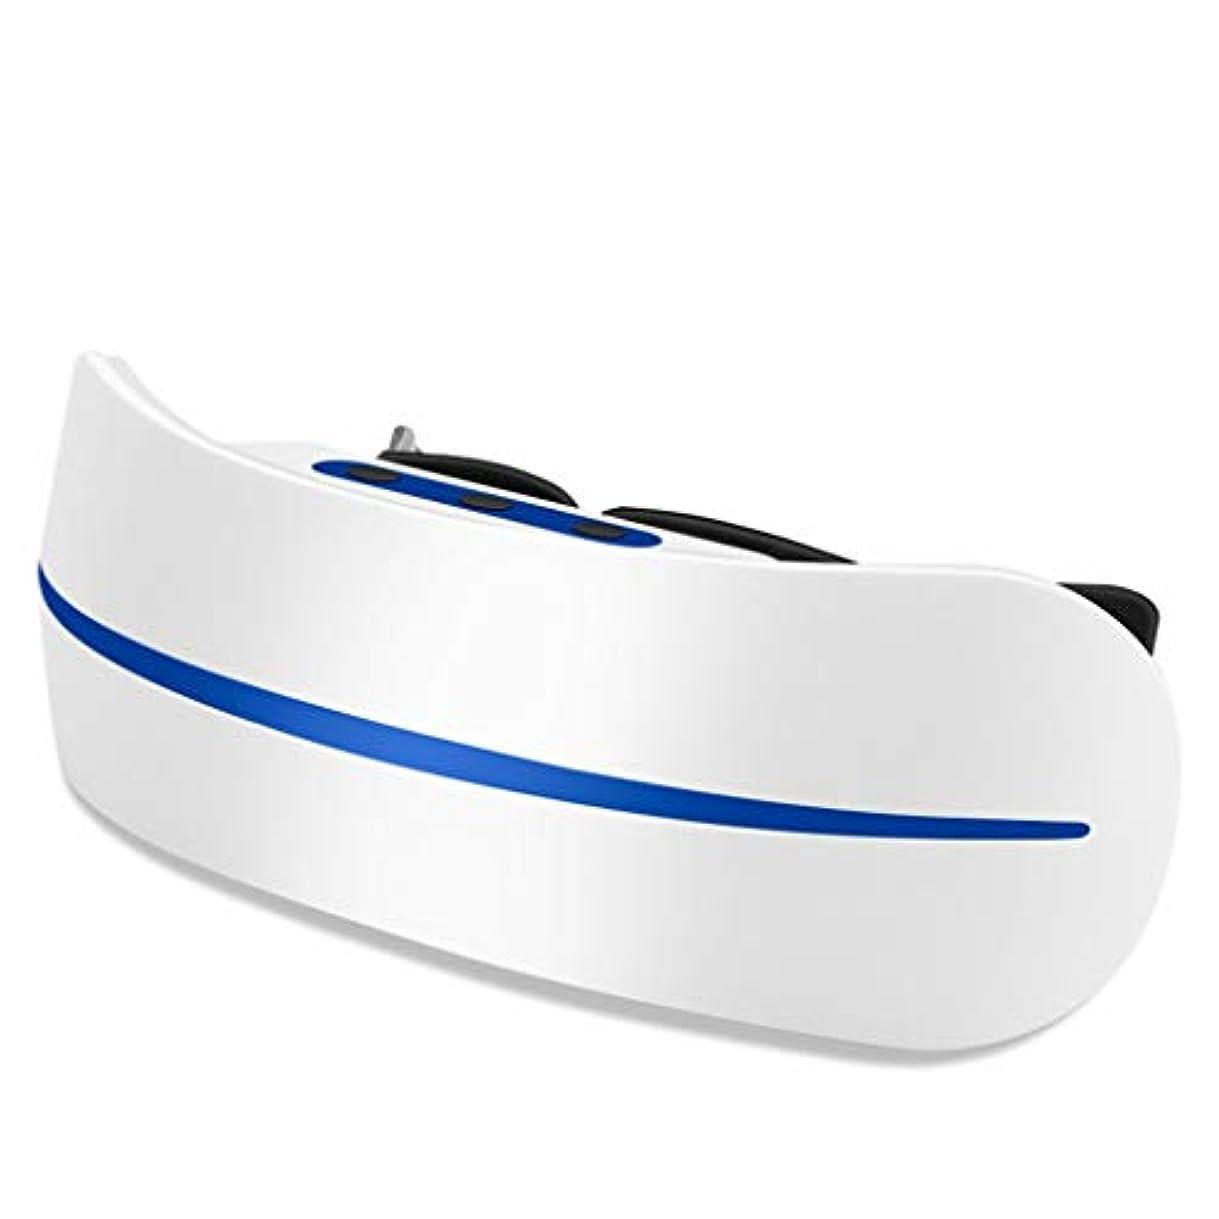 クスコ湿ったスリンクアイマッサージャー視力回復剤アイ近視矯正アイプロテクターアイプロテクション軽減疲労ダークサークルアイマスク